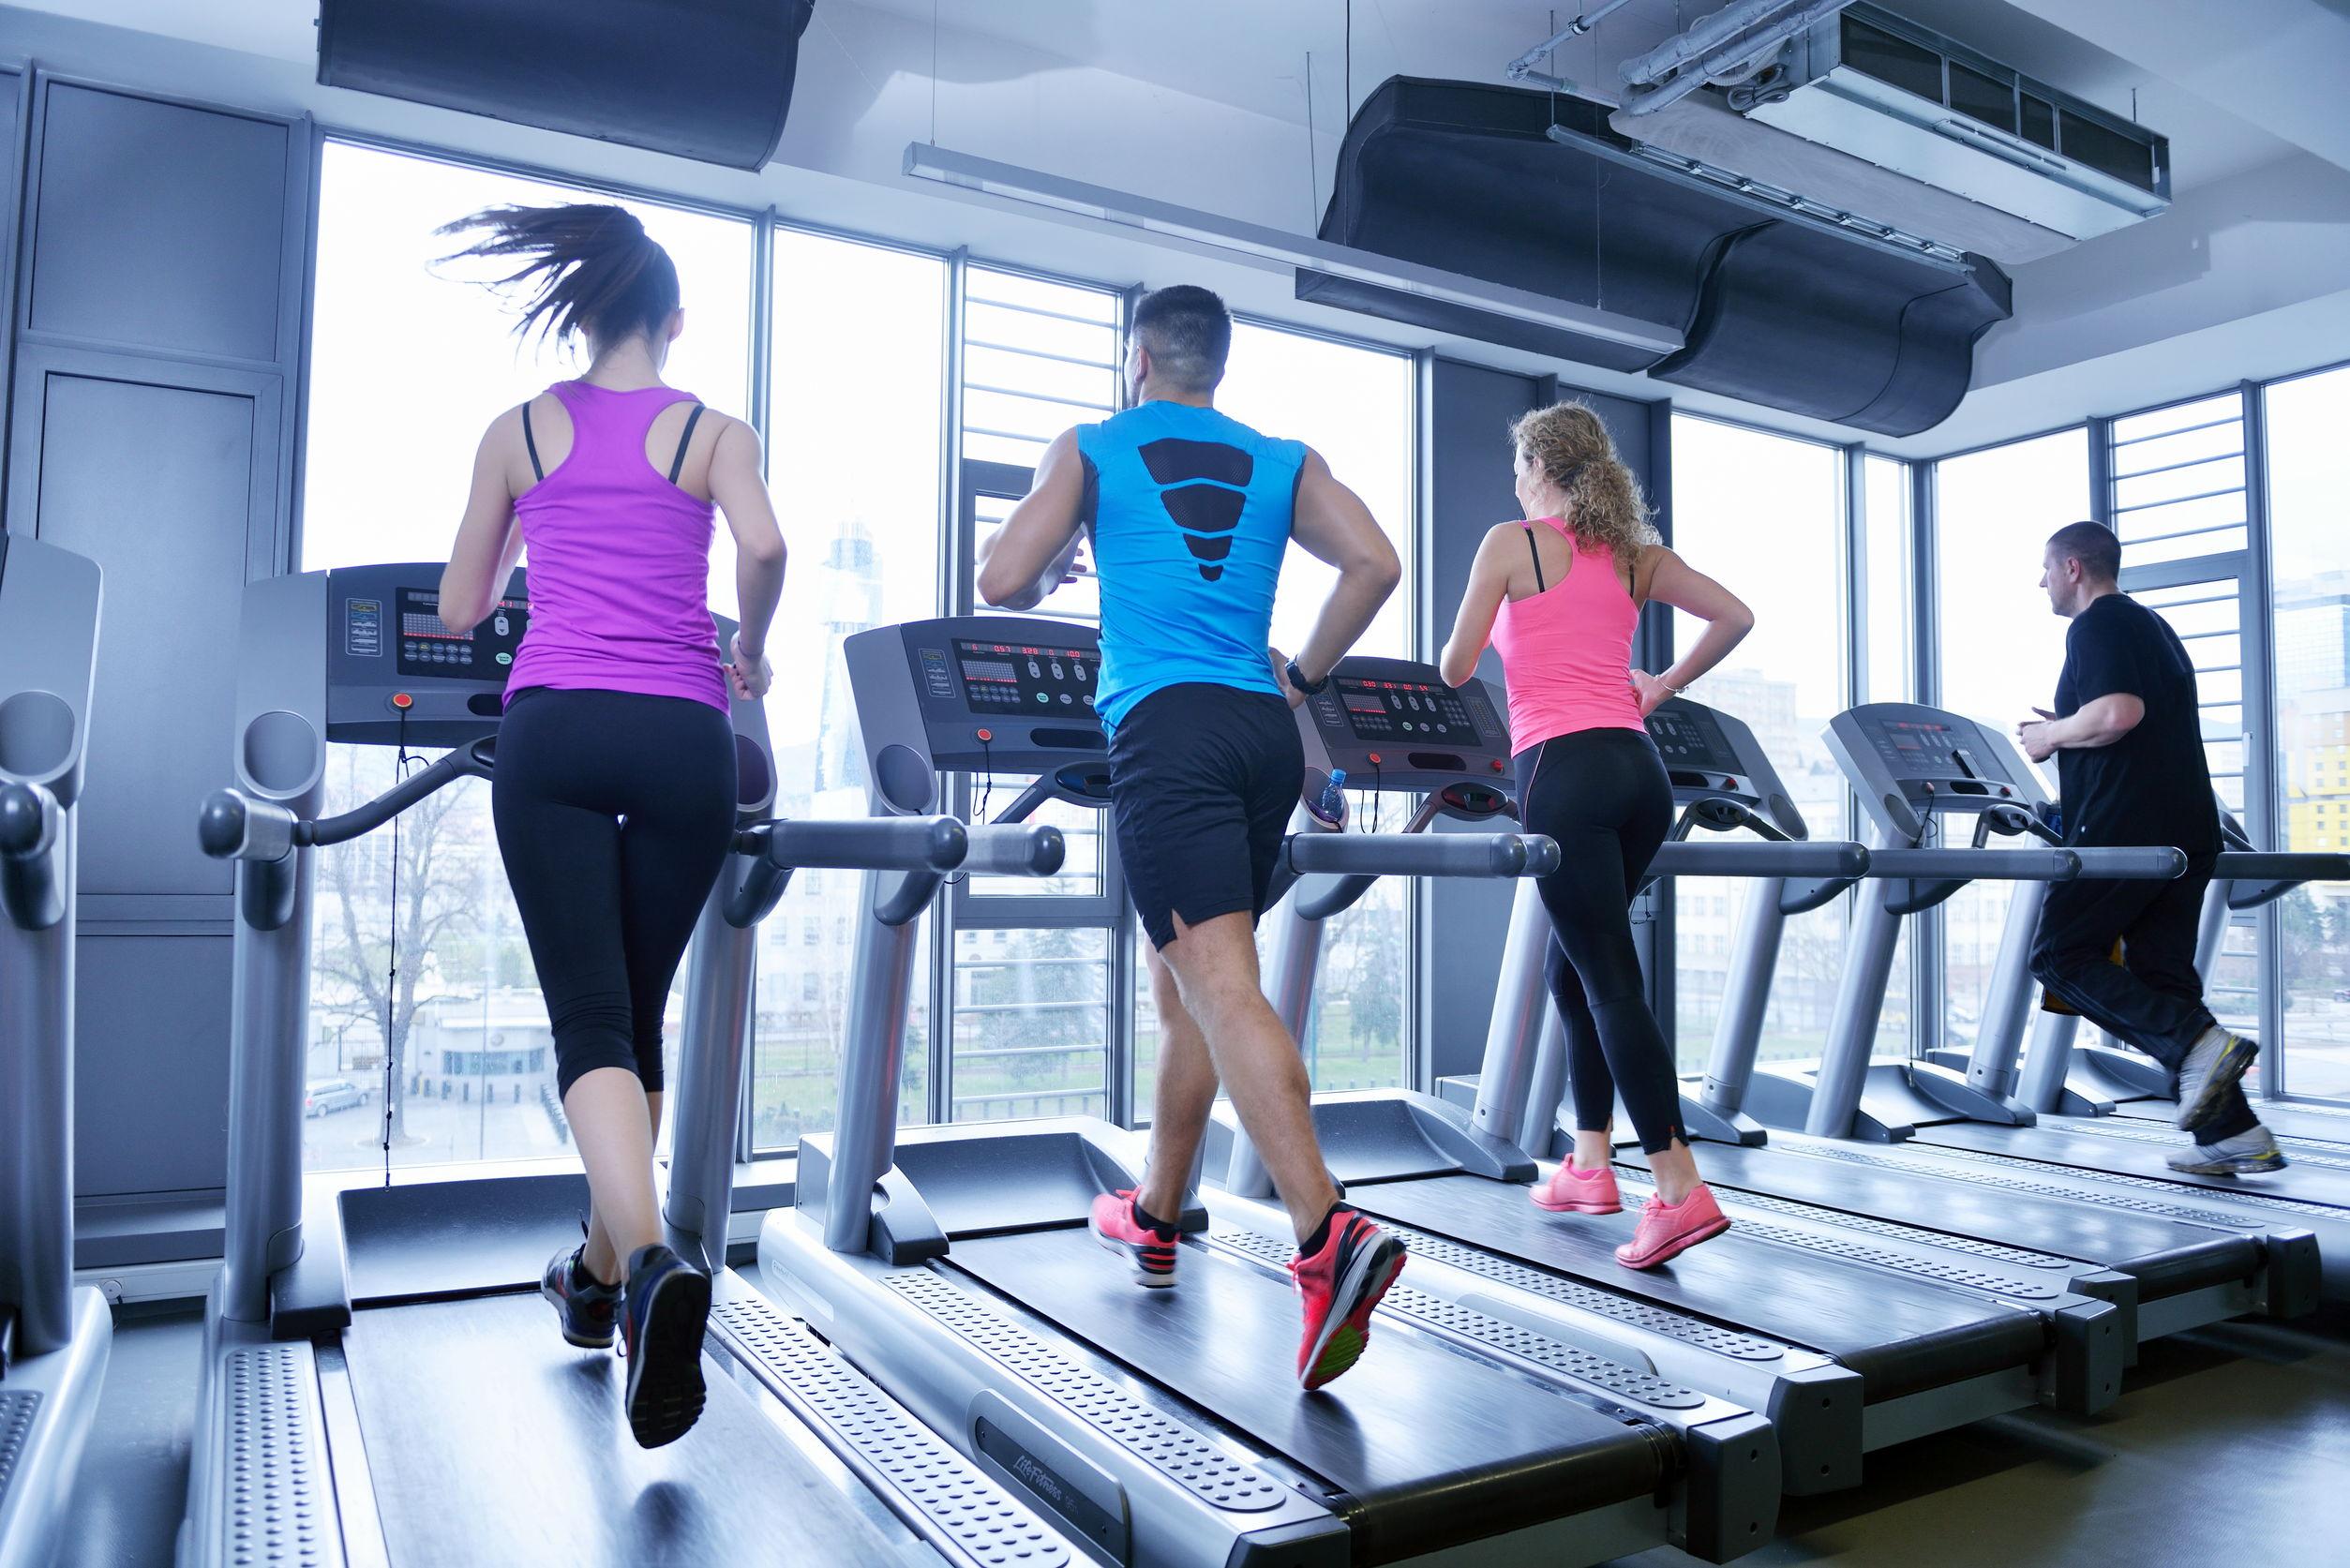 Grupo de personas ejercitandose en cinta de correr